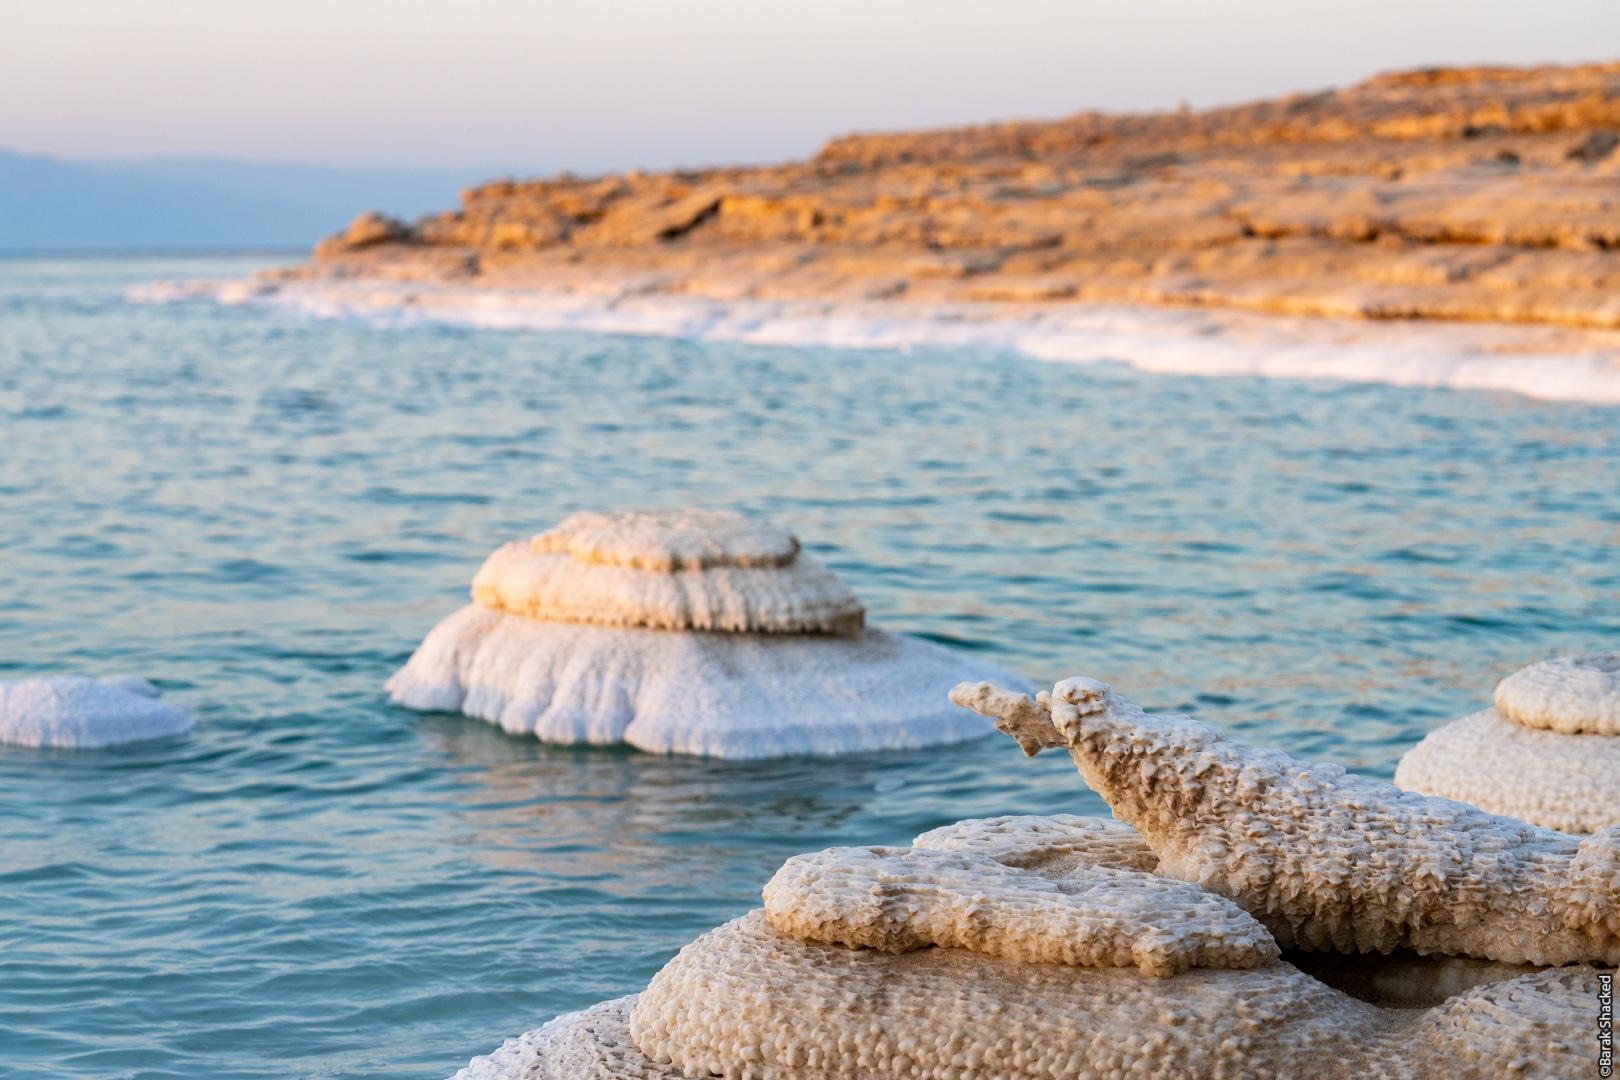 צורות מלח מיוחדות בים המלח